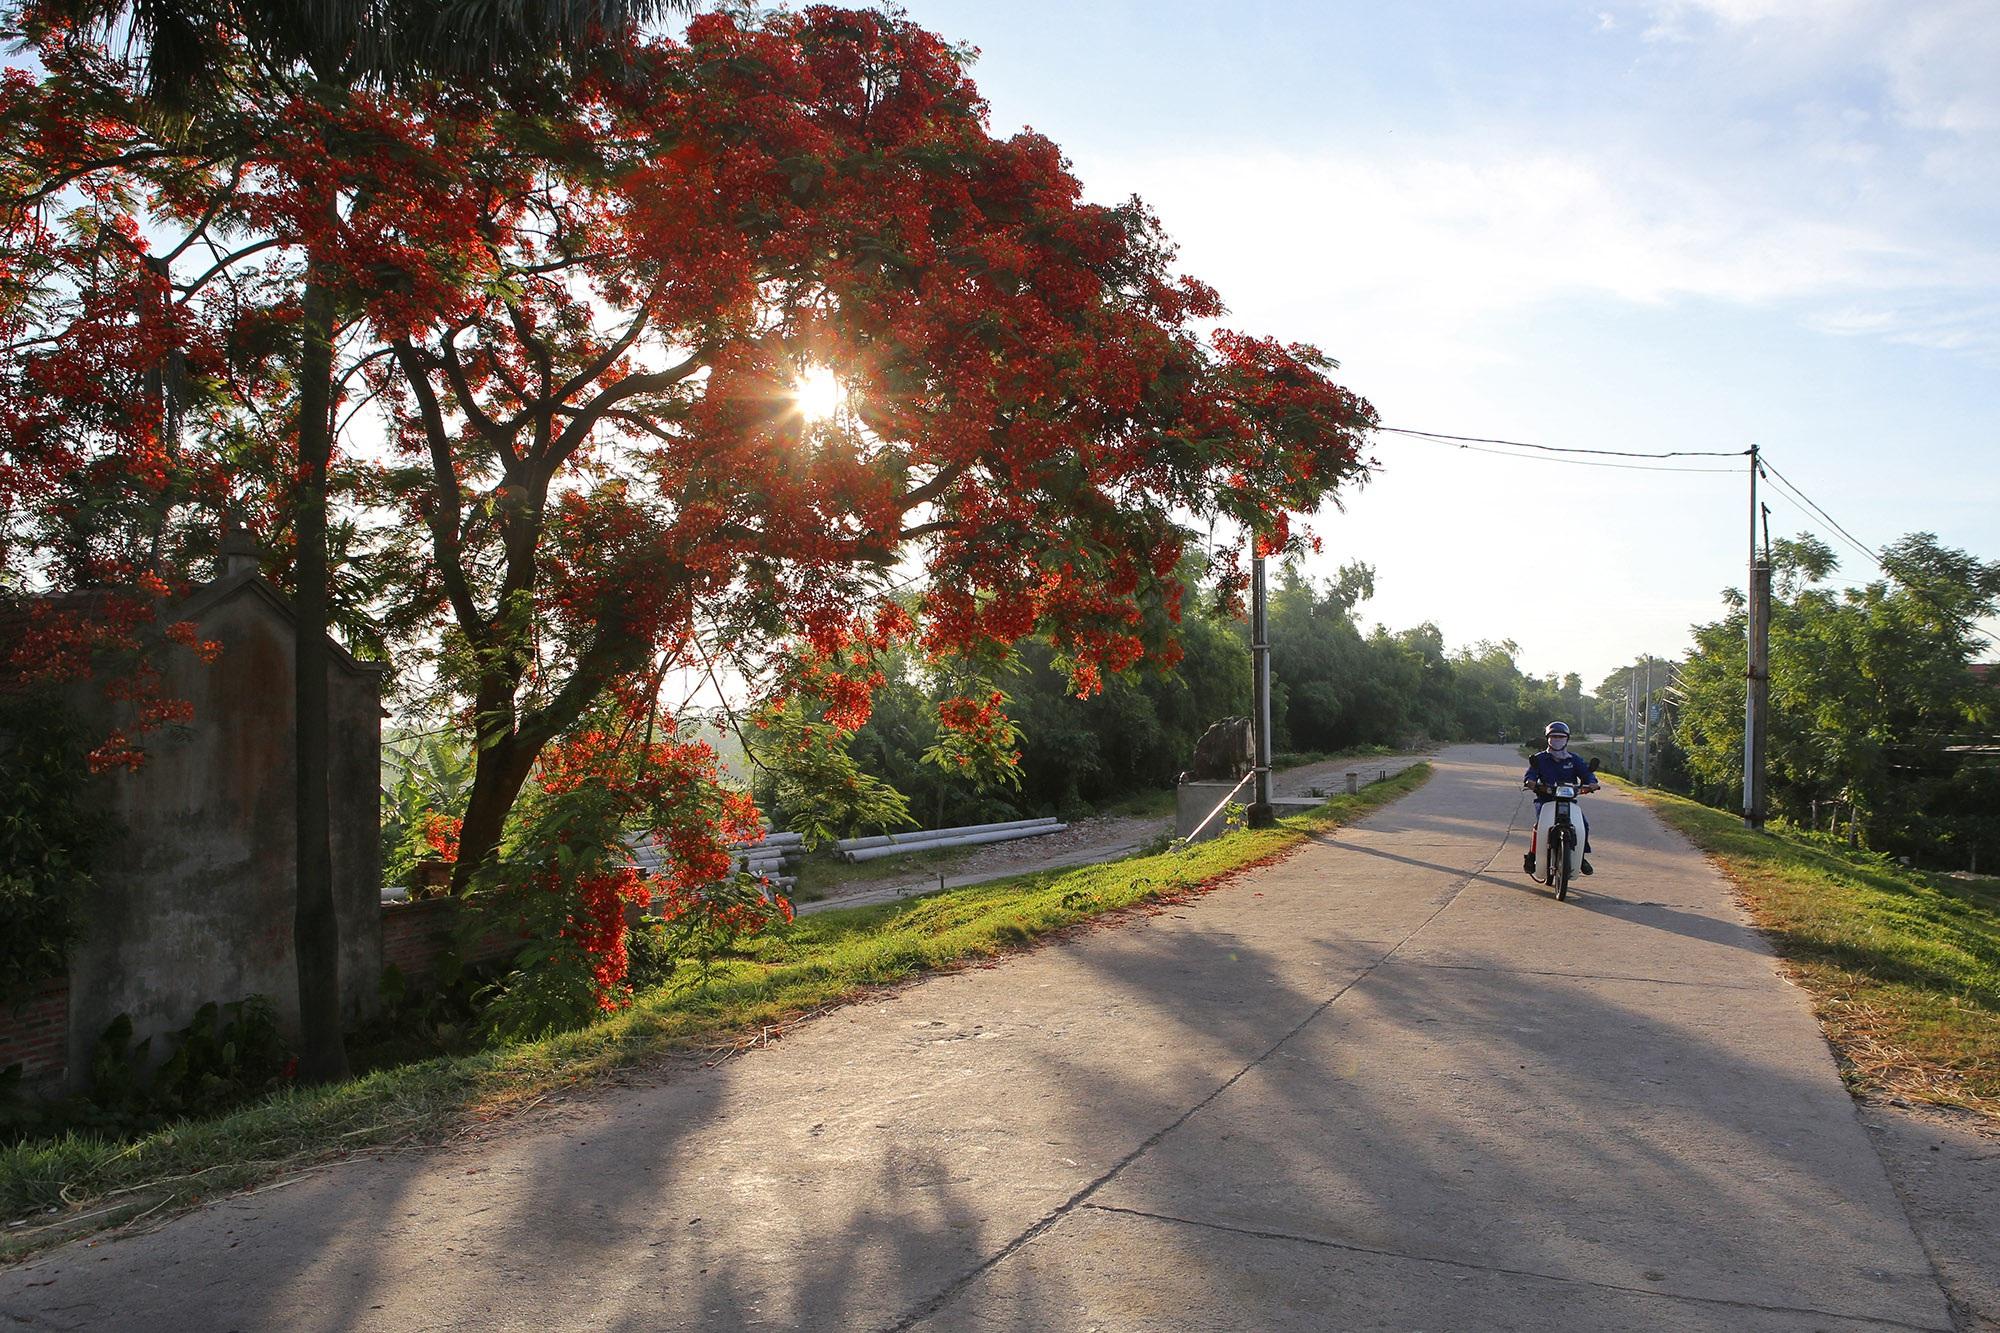 Phong cảnh bình yên nhìn từ những triền đê ở Hà Nội - 6